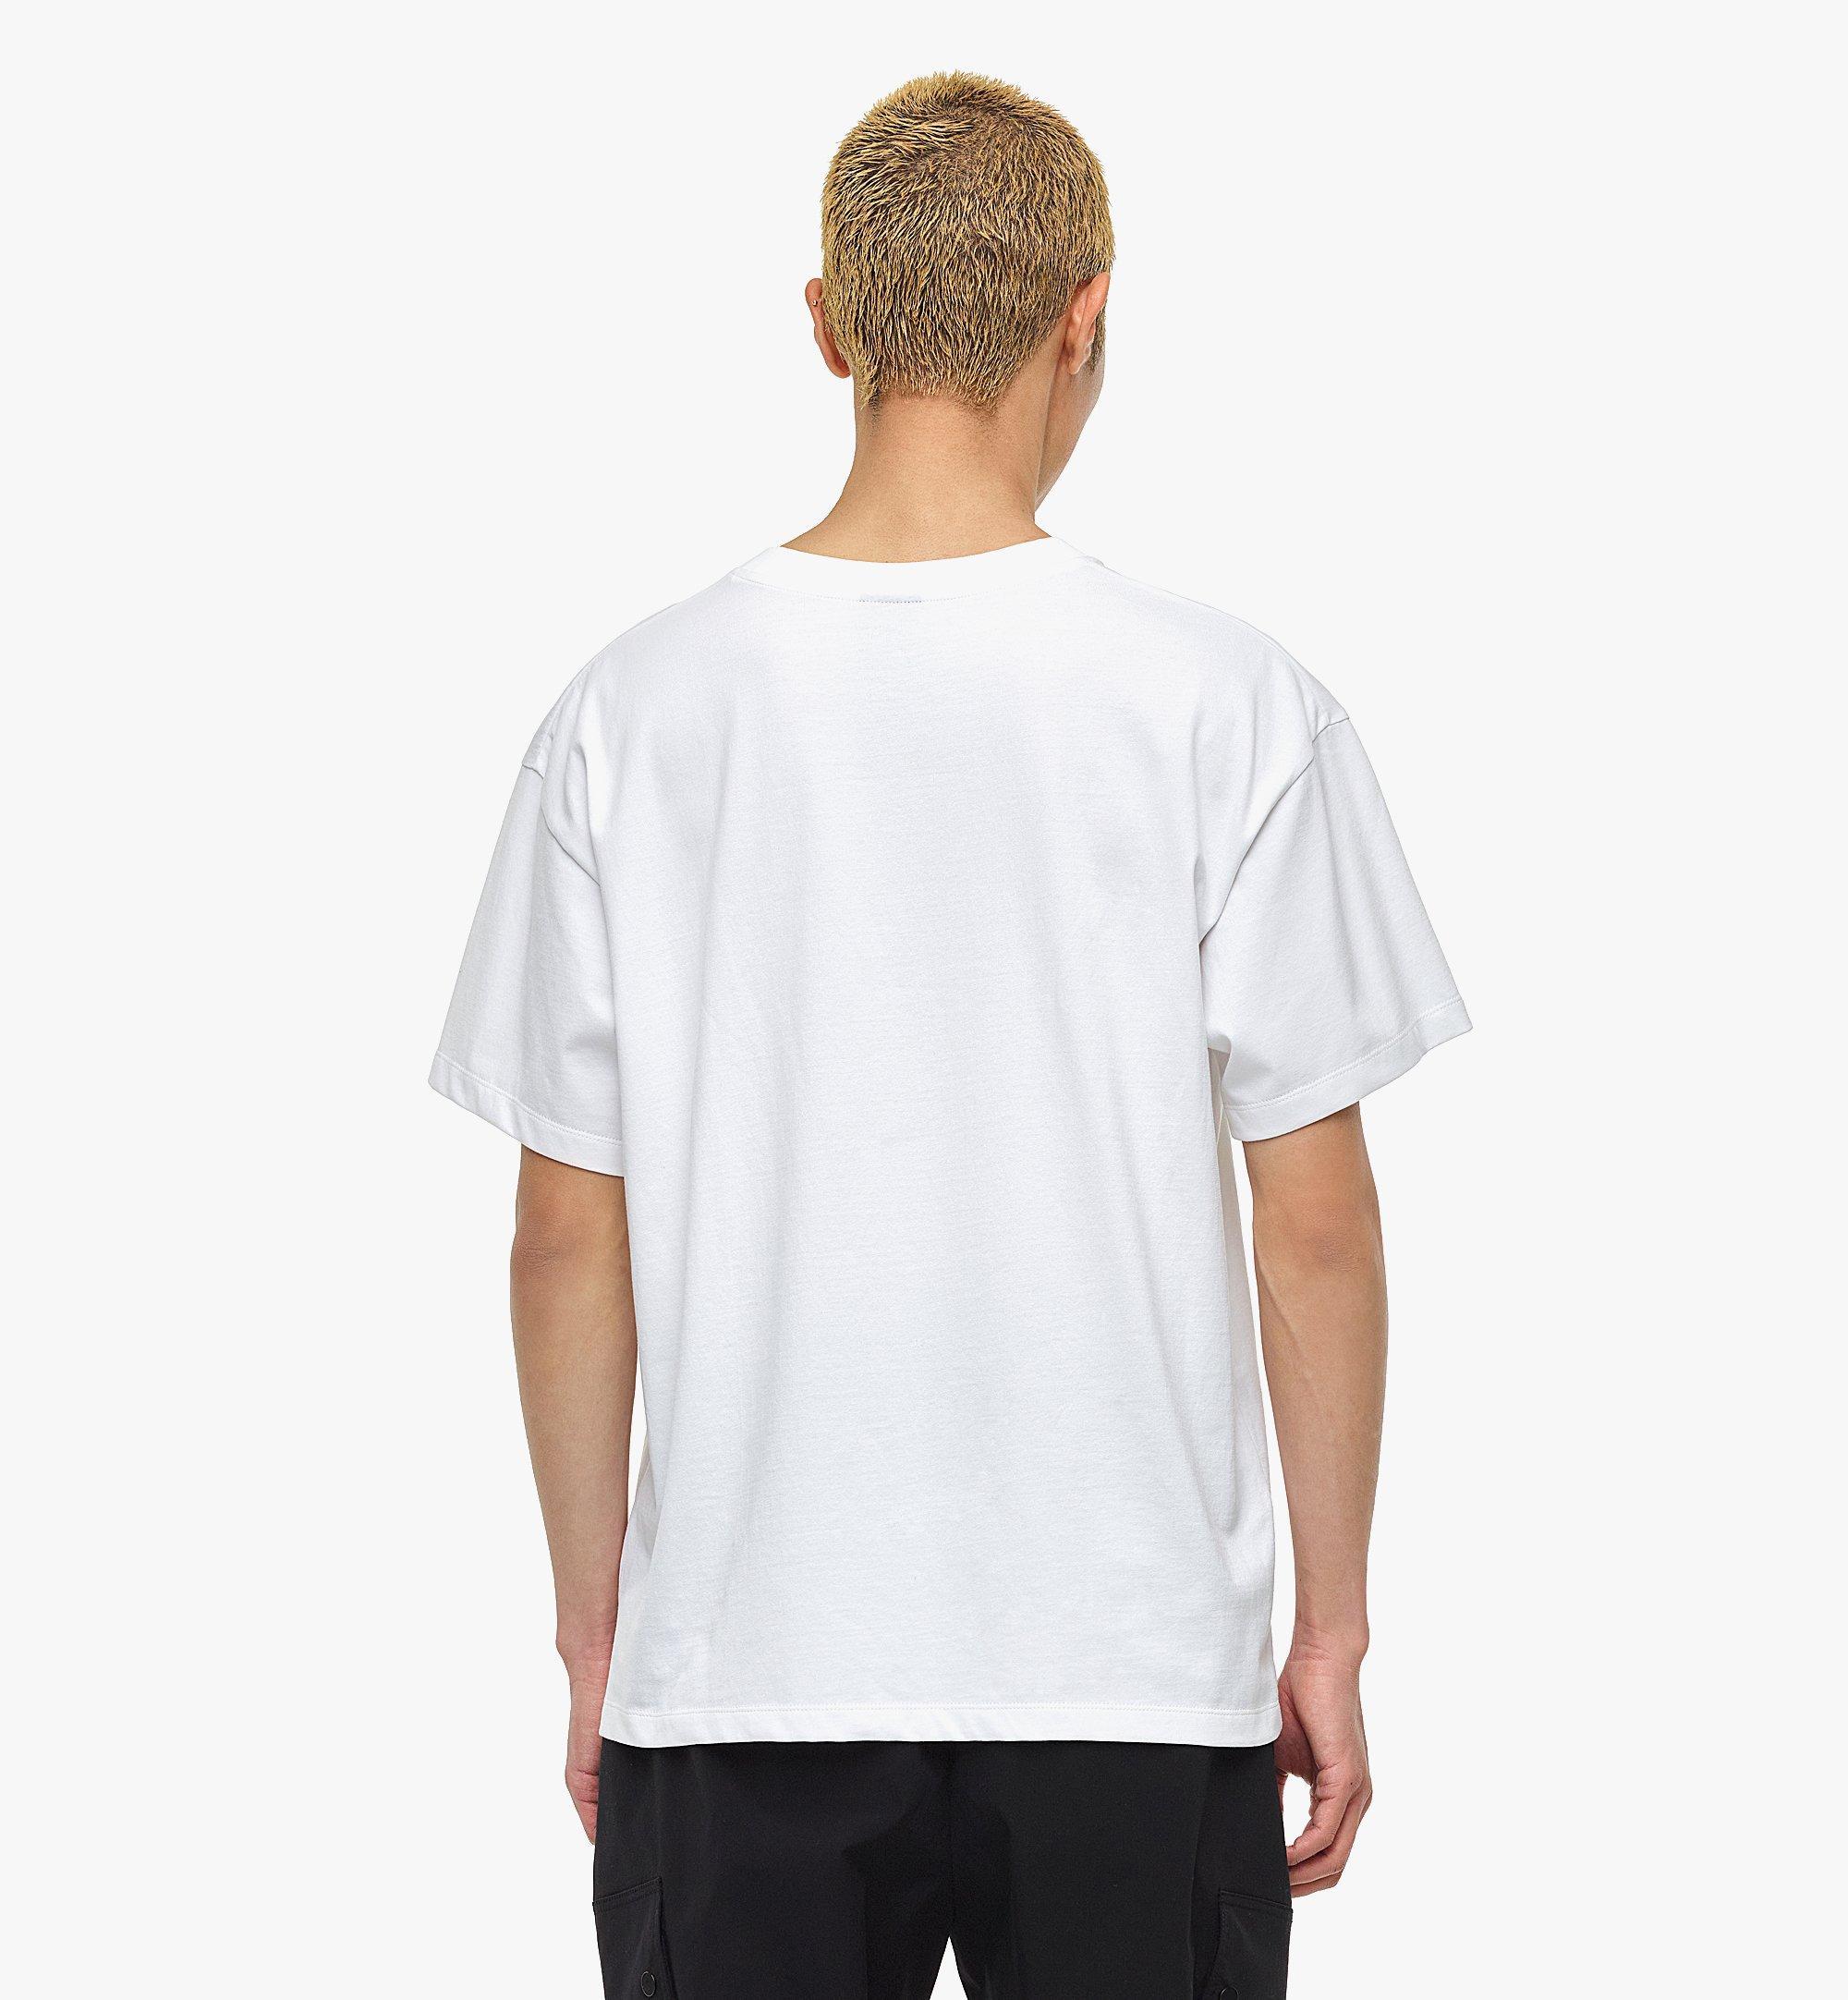 MCM MCM x SAMBYPEN Logo Print T-Shirt White MHTBASP02WD00L Alternate View 4